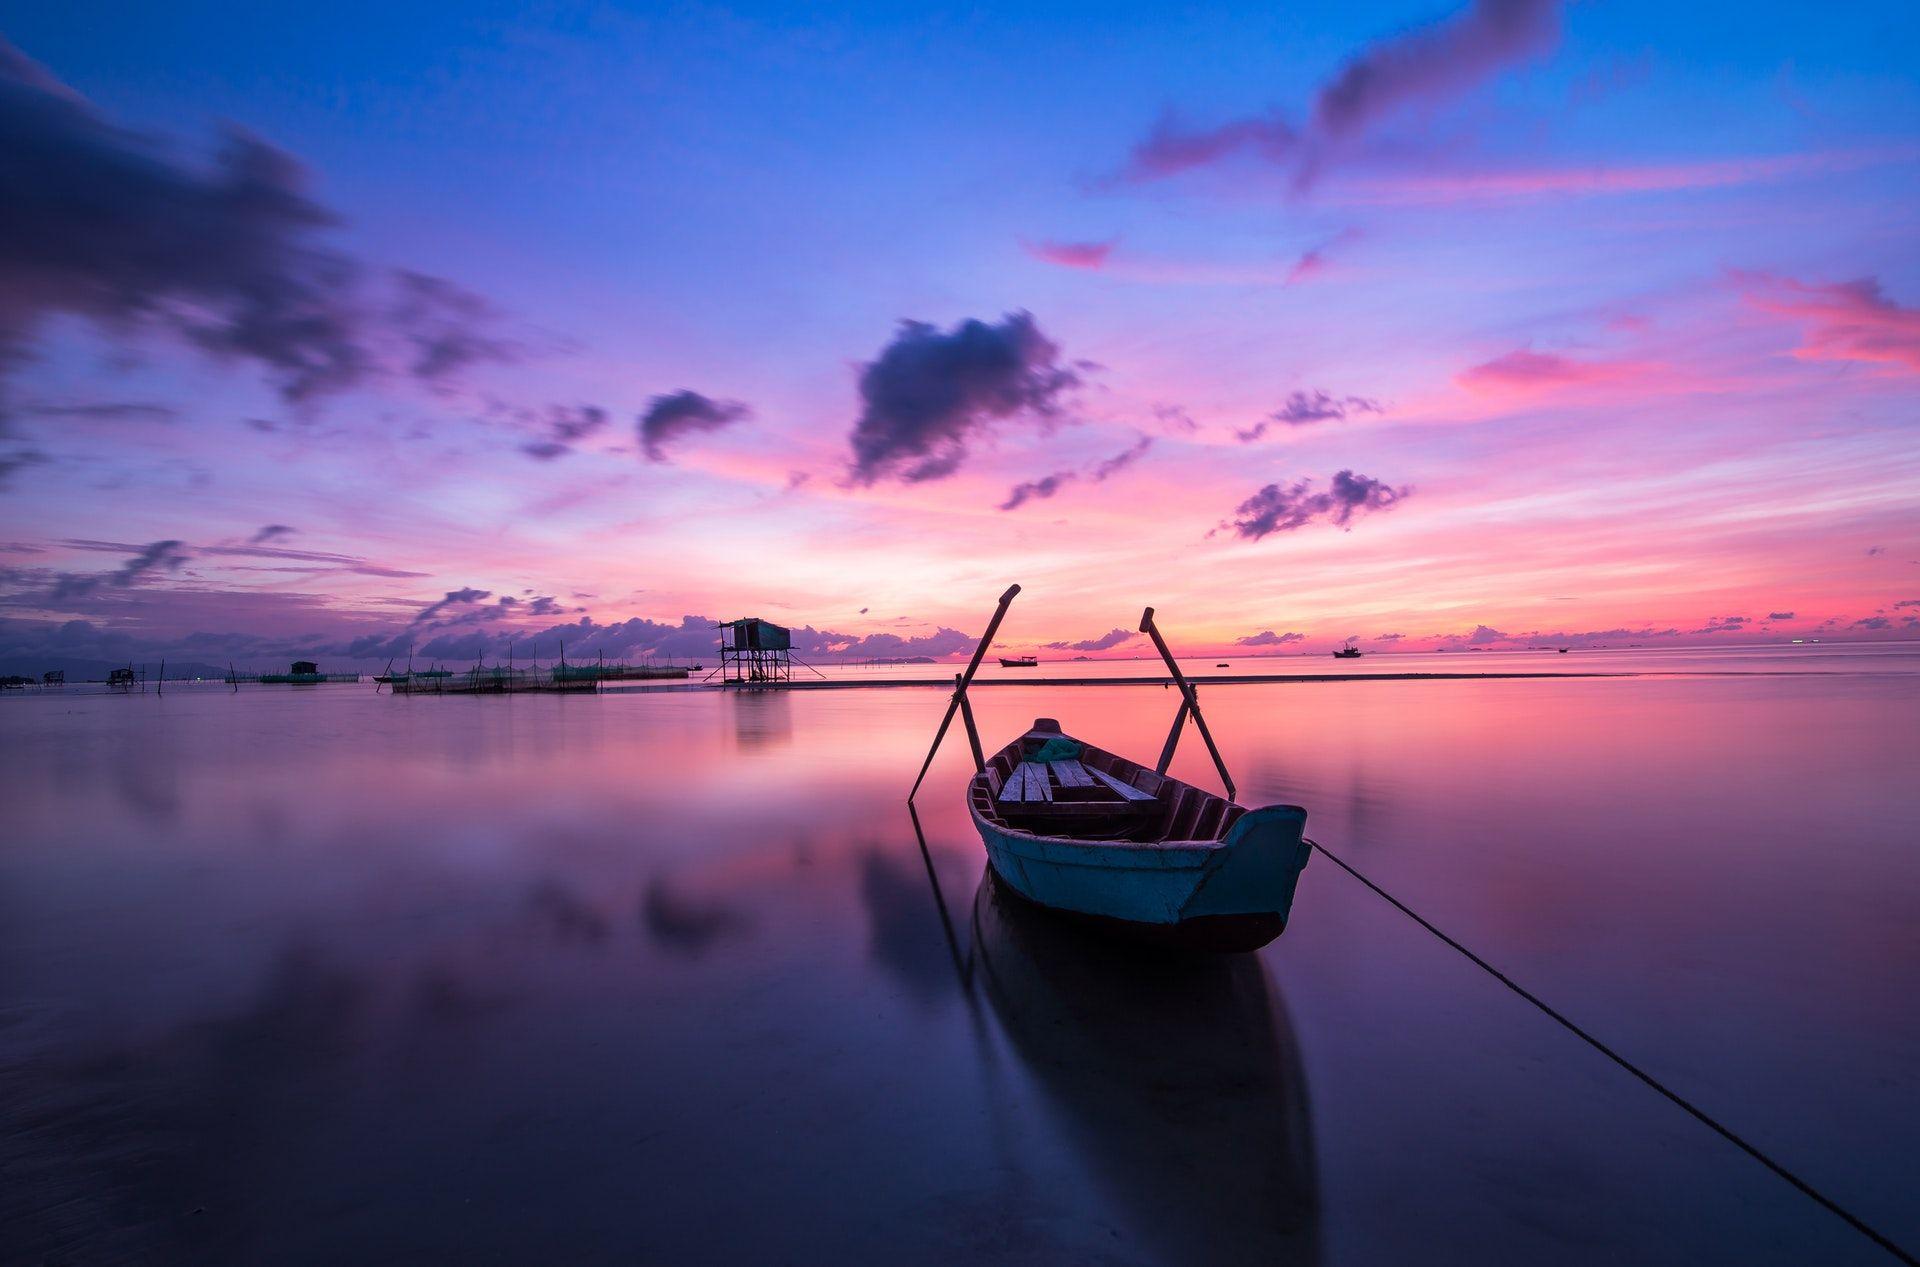 عکس زمینه قایق کوچک در آب هنگام طلوع پس زمینه